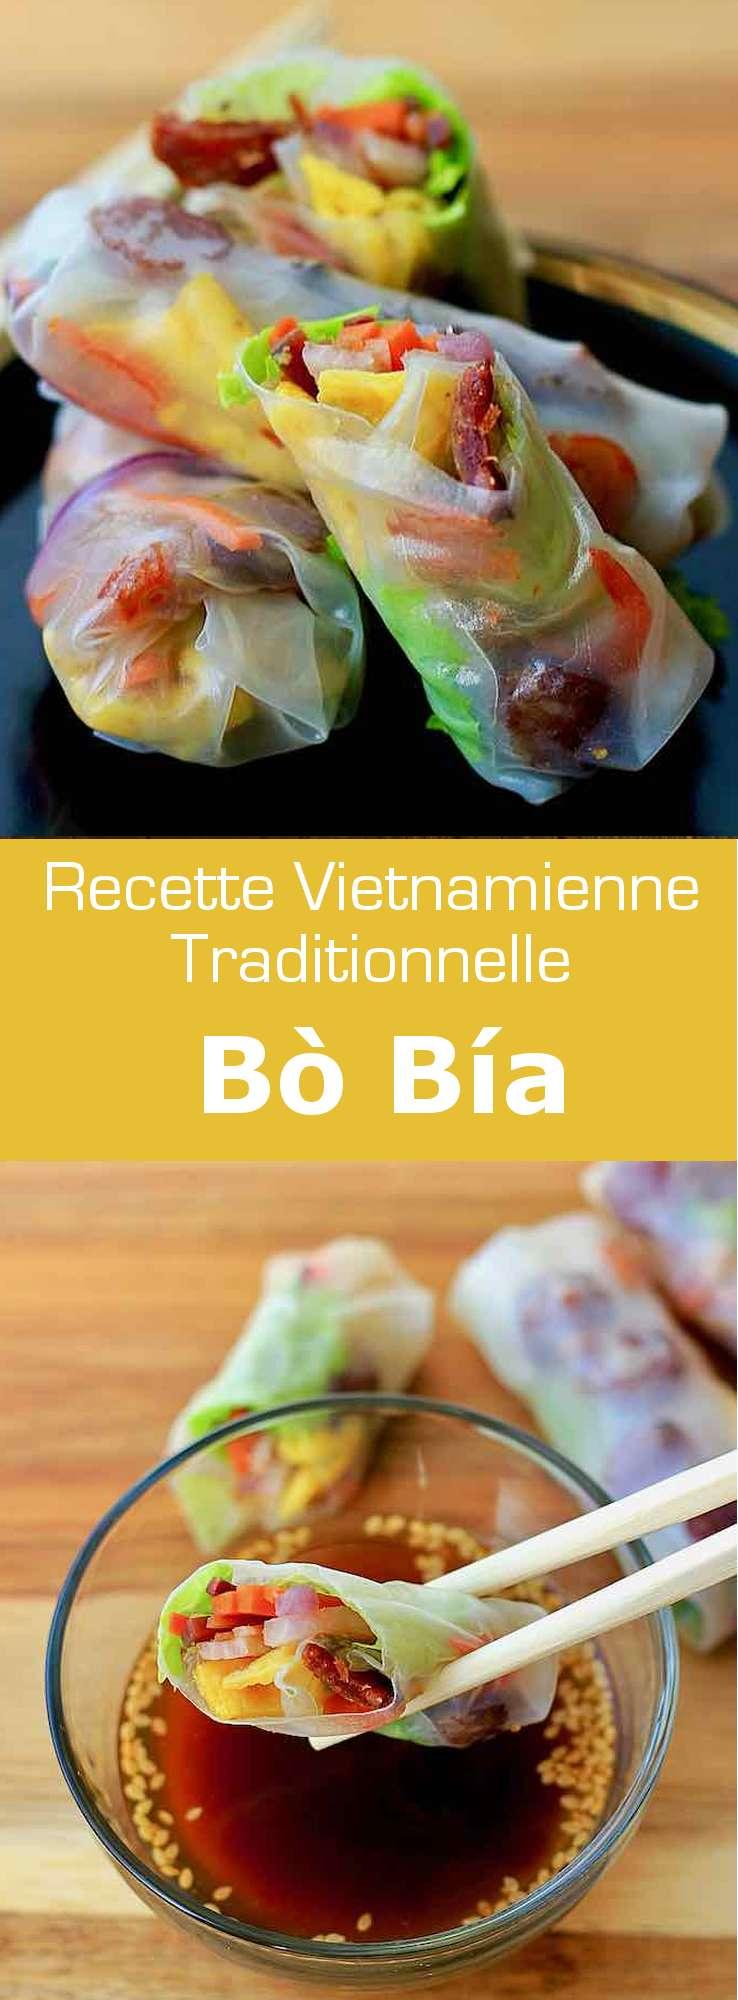 Le bò bía est la variante vietnamienne du popiah, un rouleau de printemps commun à Taiwan, Singapour, Malaisie, Thaïlande et Myanmar. #Vietnam #RecetteVietnamienne #CuisineVietnamienne #CuisineAsiatique #RecetteAsiatique #CuisineDuMonde #196flavors